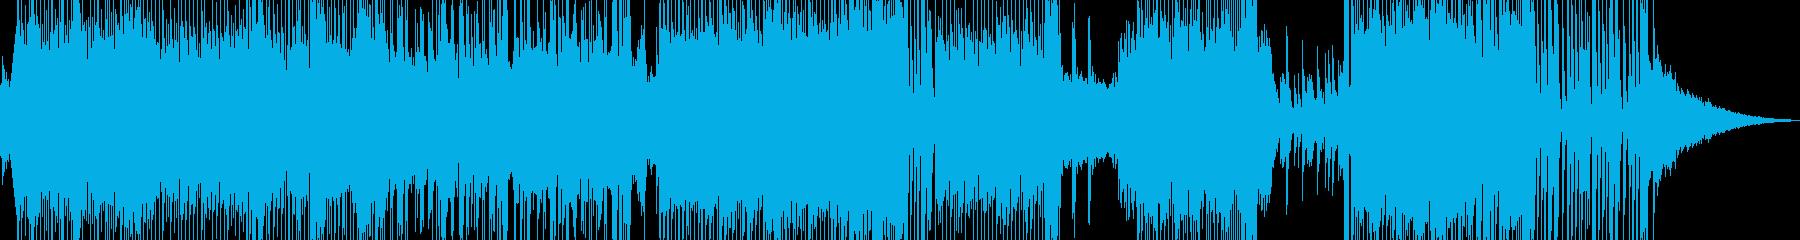 ハッピーな演出を彩るテクノポップ ★の再生済みの波形